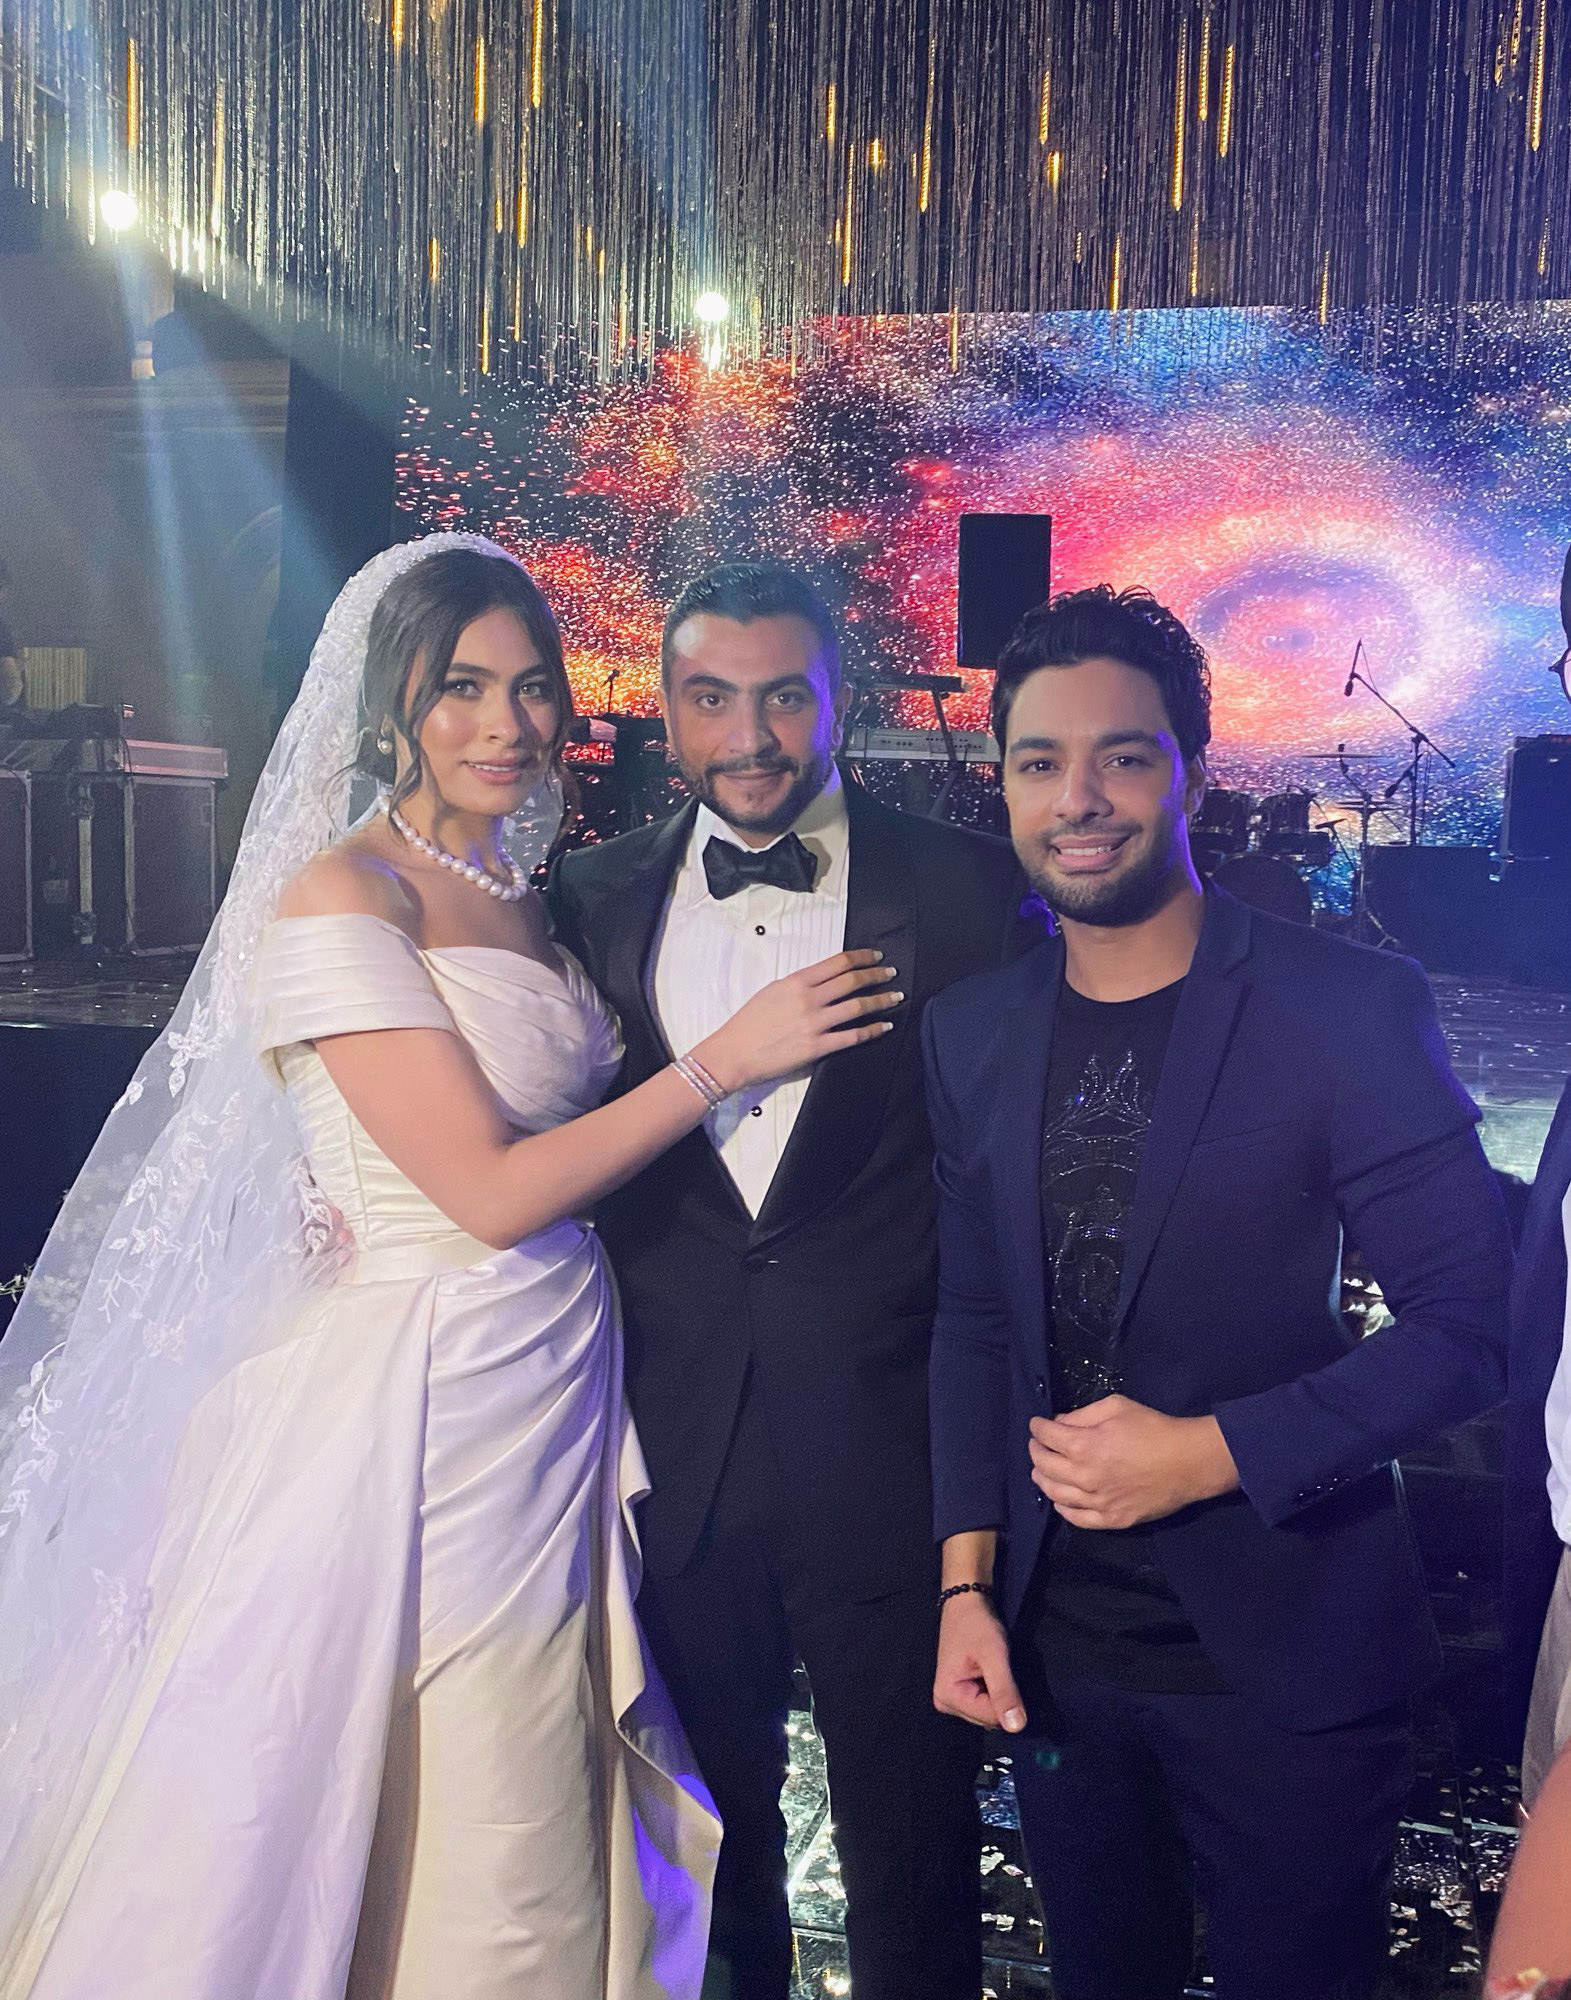 أحمد جمال مع العروسين هاجر أحمد وأحمد الحداد